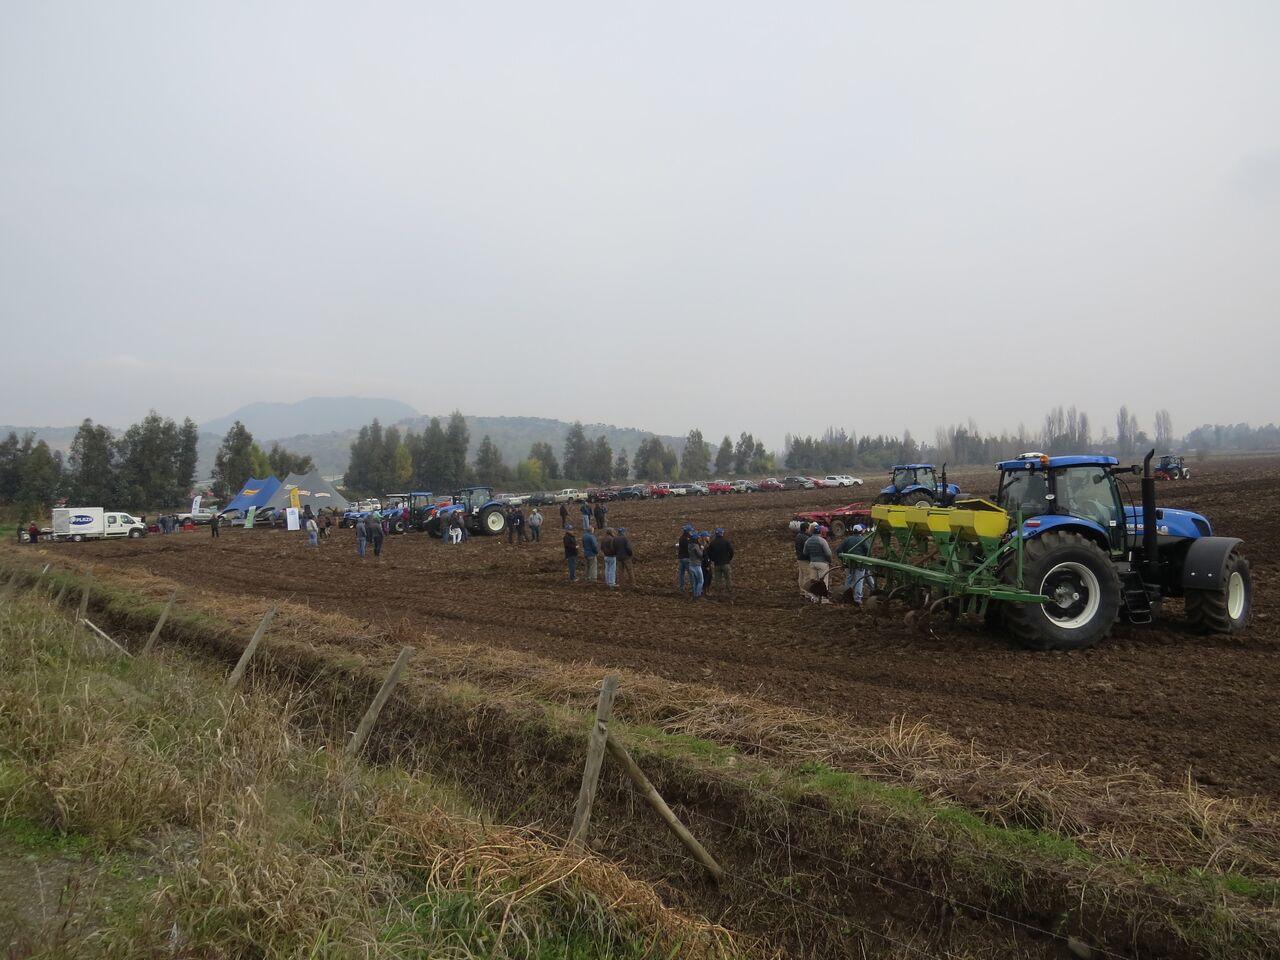 New Holland se reúne con agricultores de Pelequén para capacitarlos en sus equipos